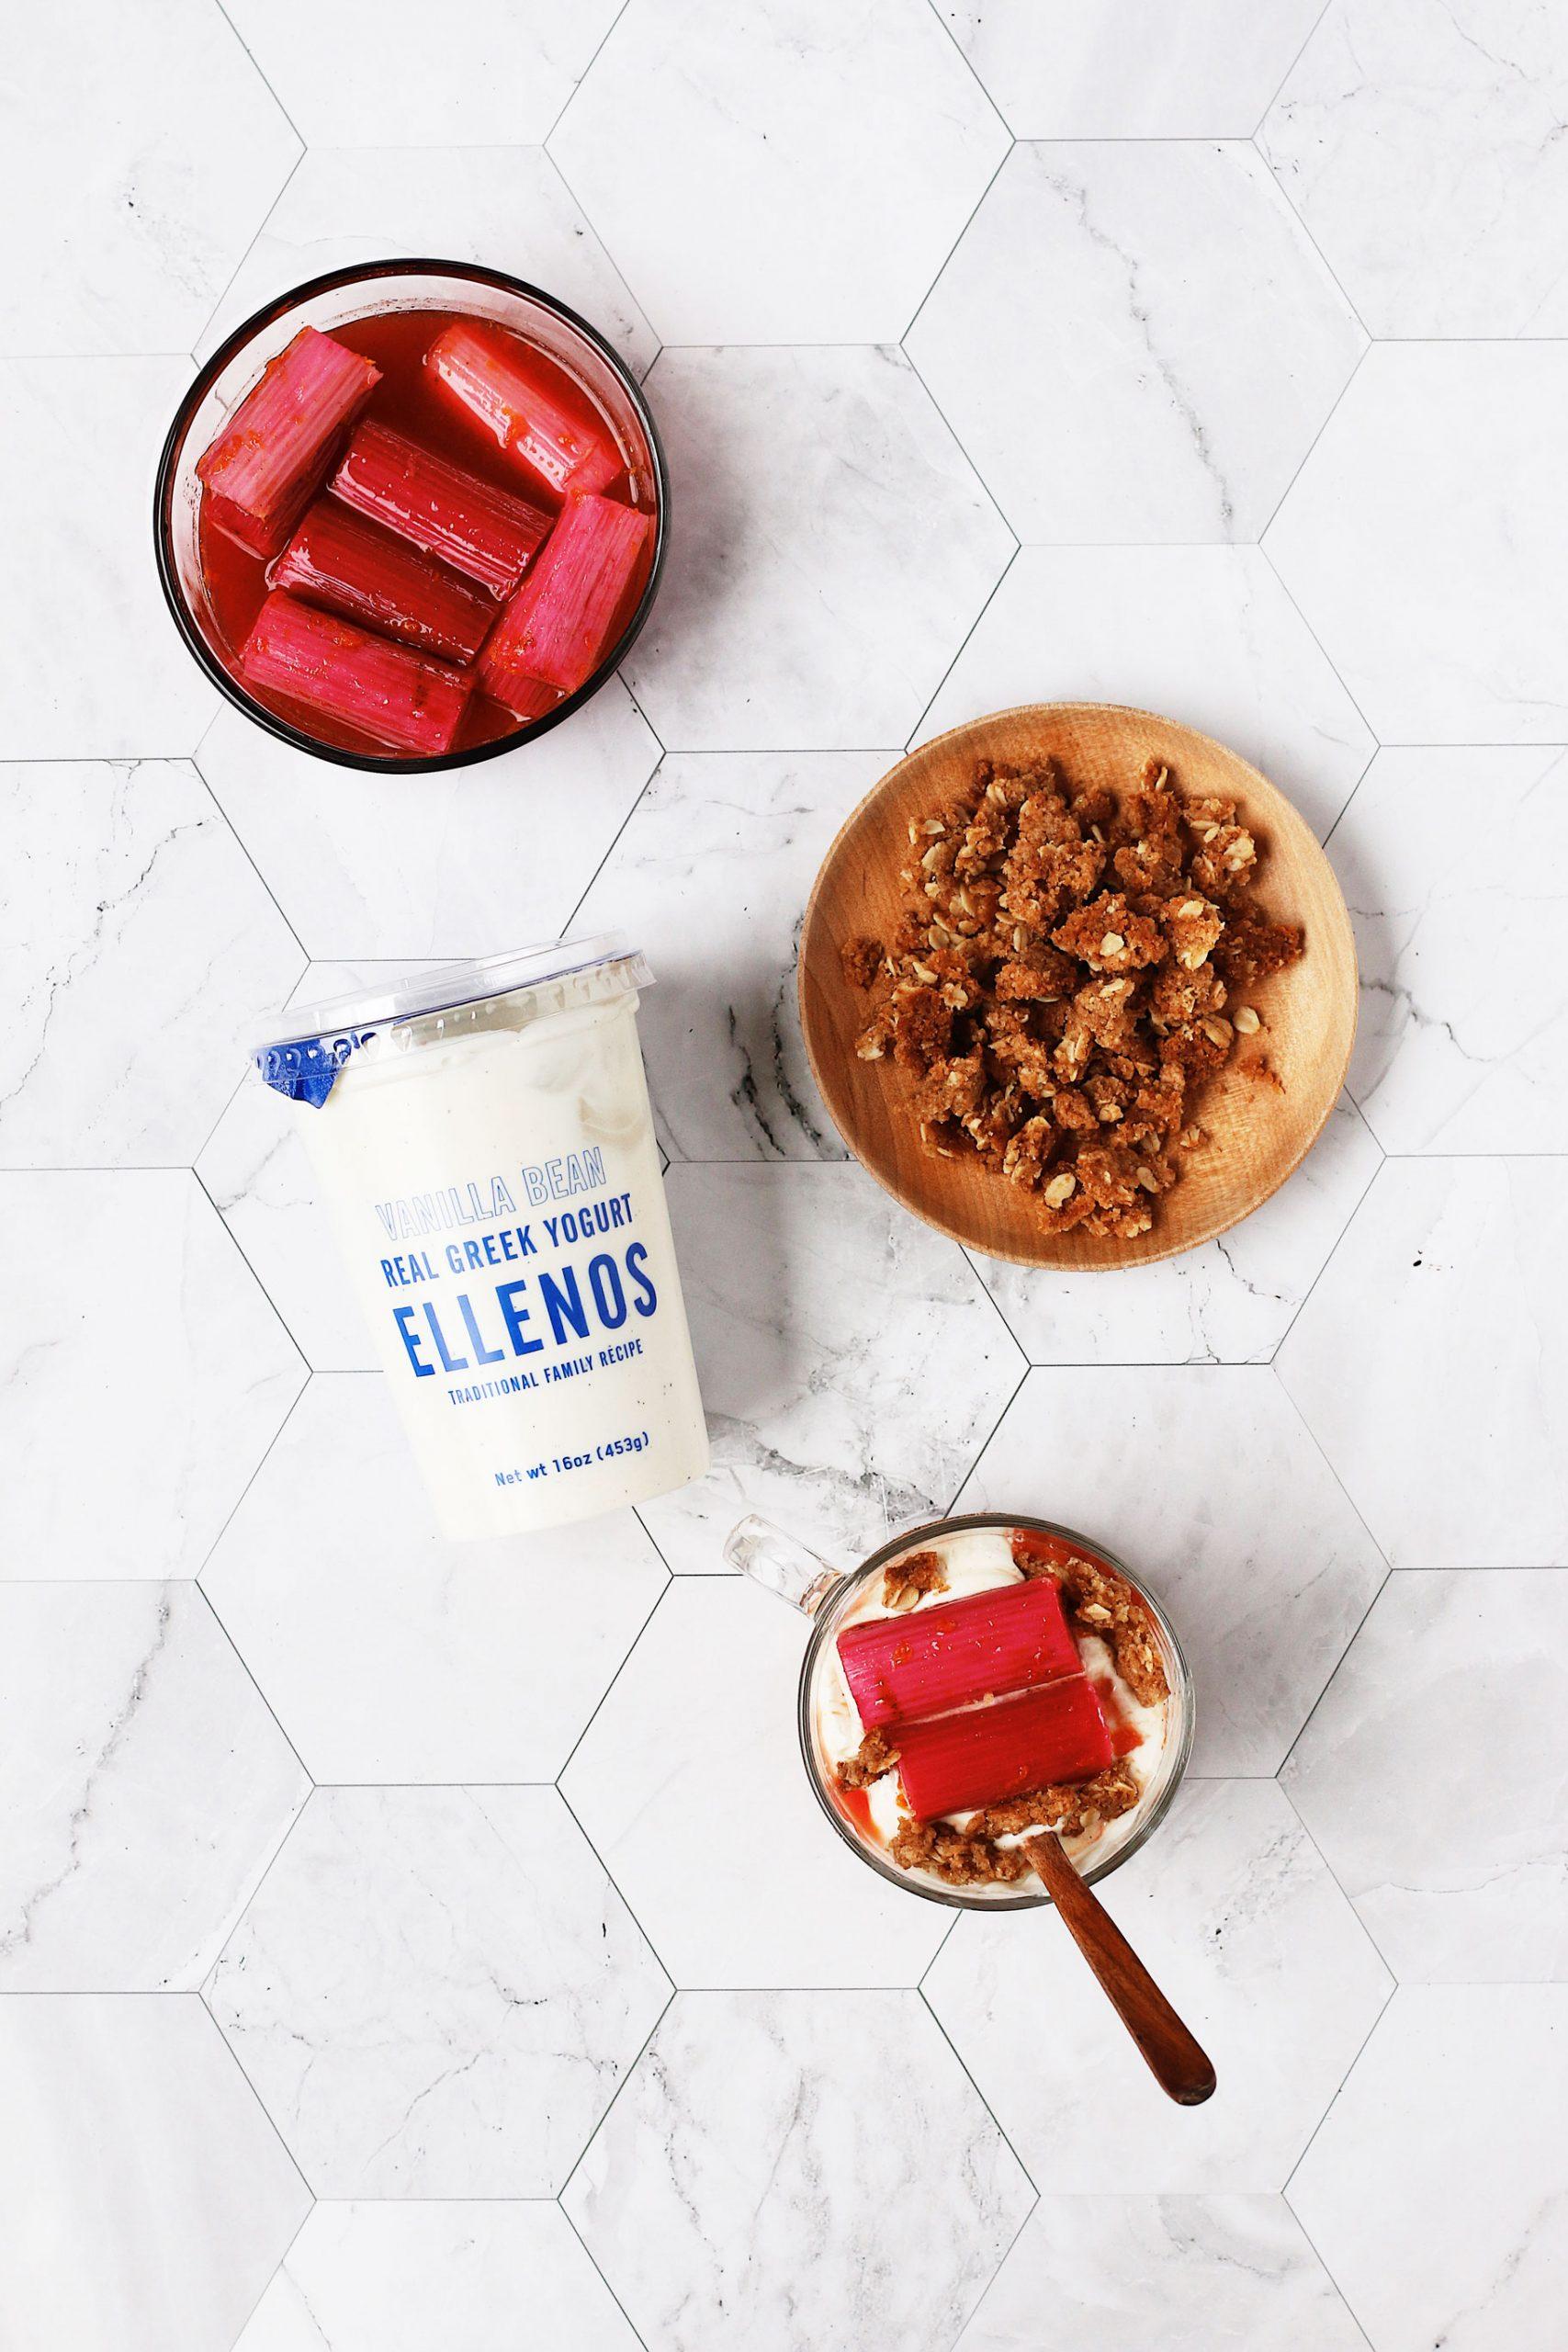 herbakinglab-ellenos-rhubarb-pie-yogurt-cup-2